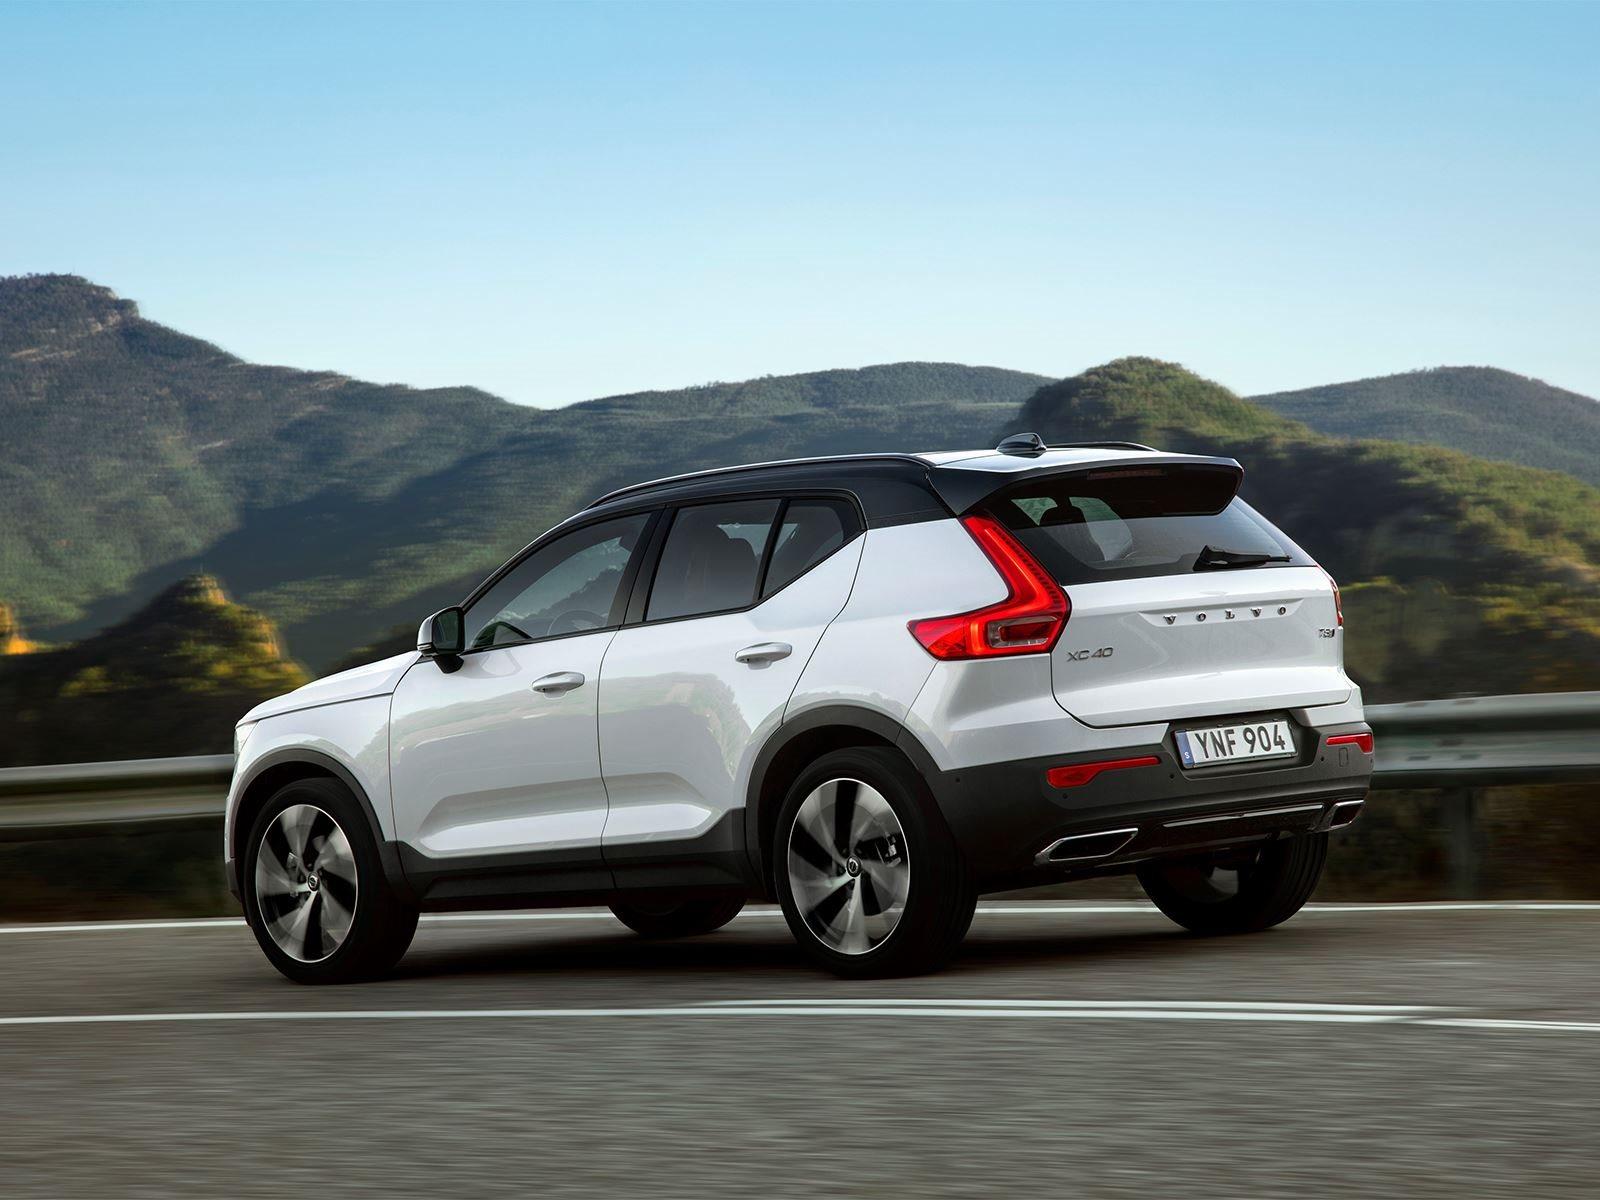 По словам директора Volvo на Ближнем Востоке и Африки Lex Kerssemakers, автопроизводитель стремится к тому, чтобы электрические модели составляли 25 процентов от его годового объема продаж к 2025 году.